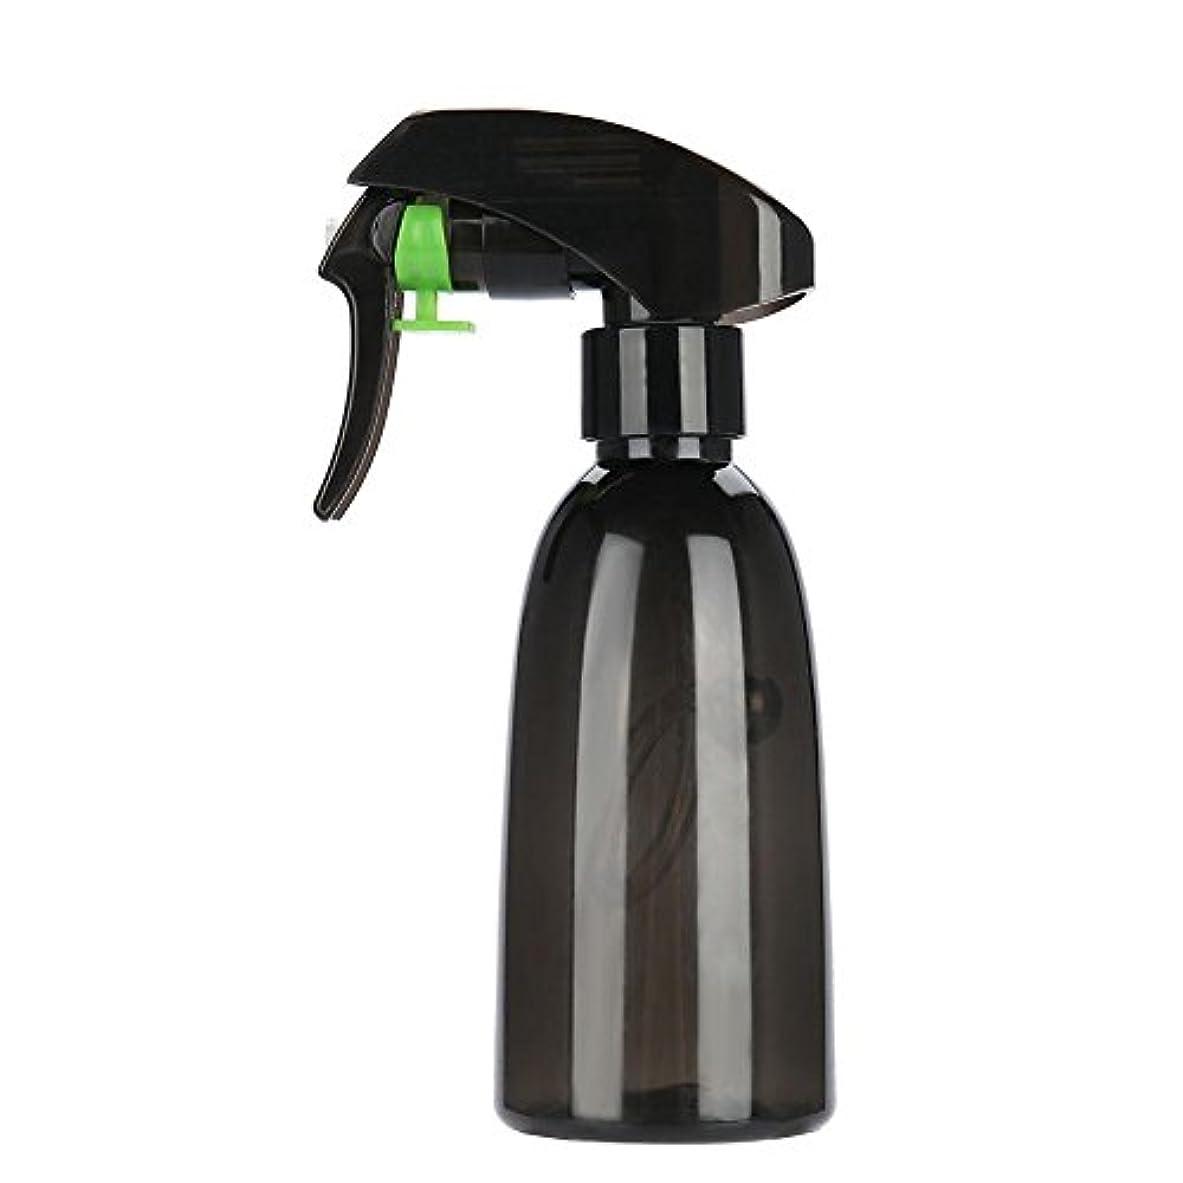 啓発する豊富にオフセット水スプレー、2色詰め替え式プラスチック理髪スプレーボトル水スプレーサロン理容ツール(ダークグリーン)